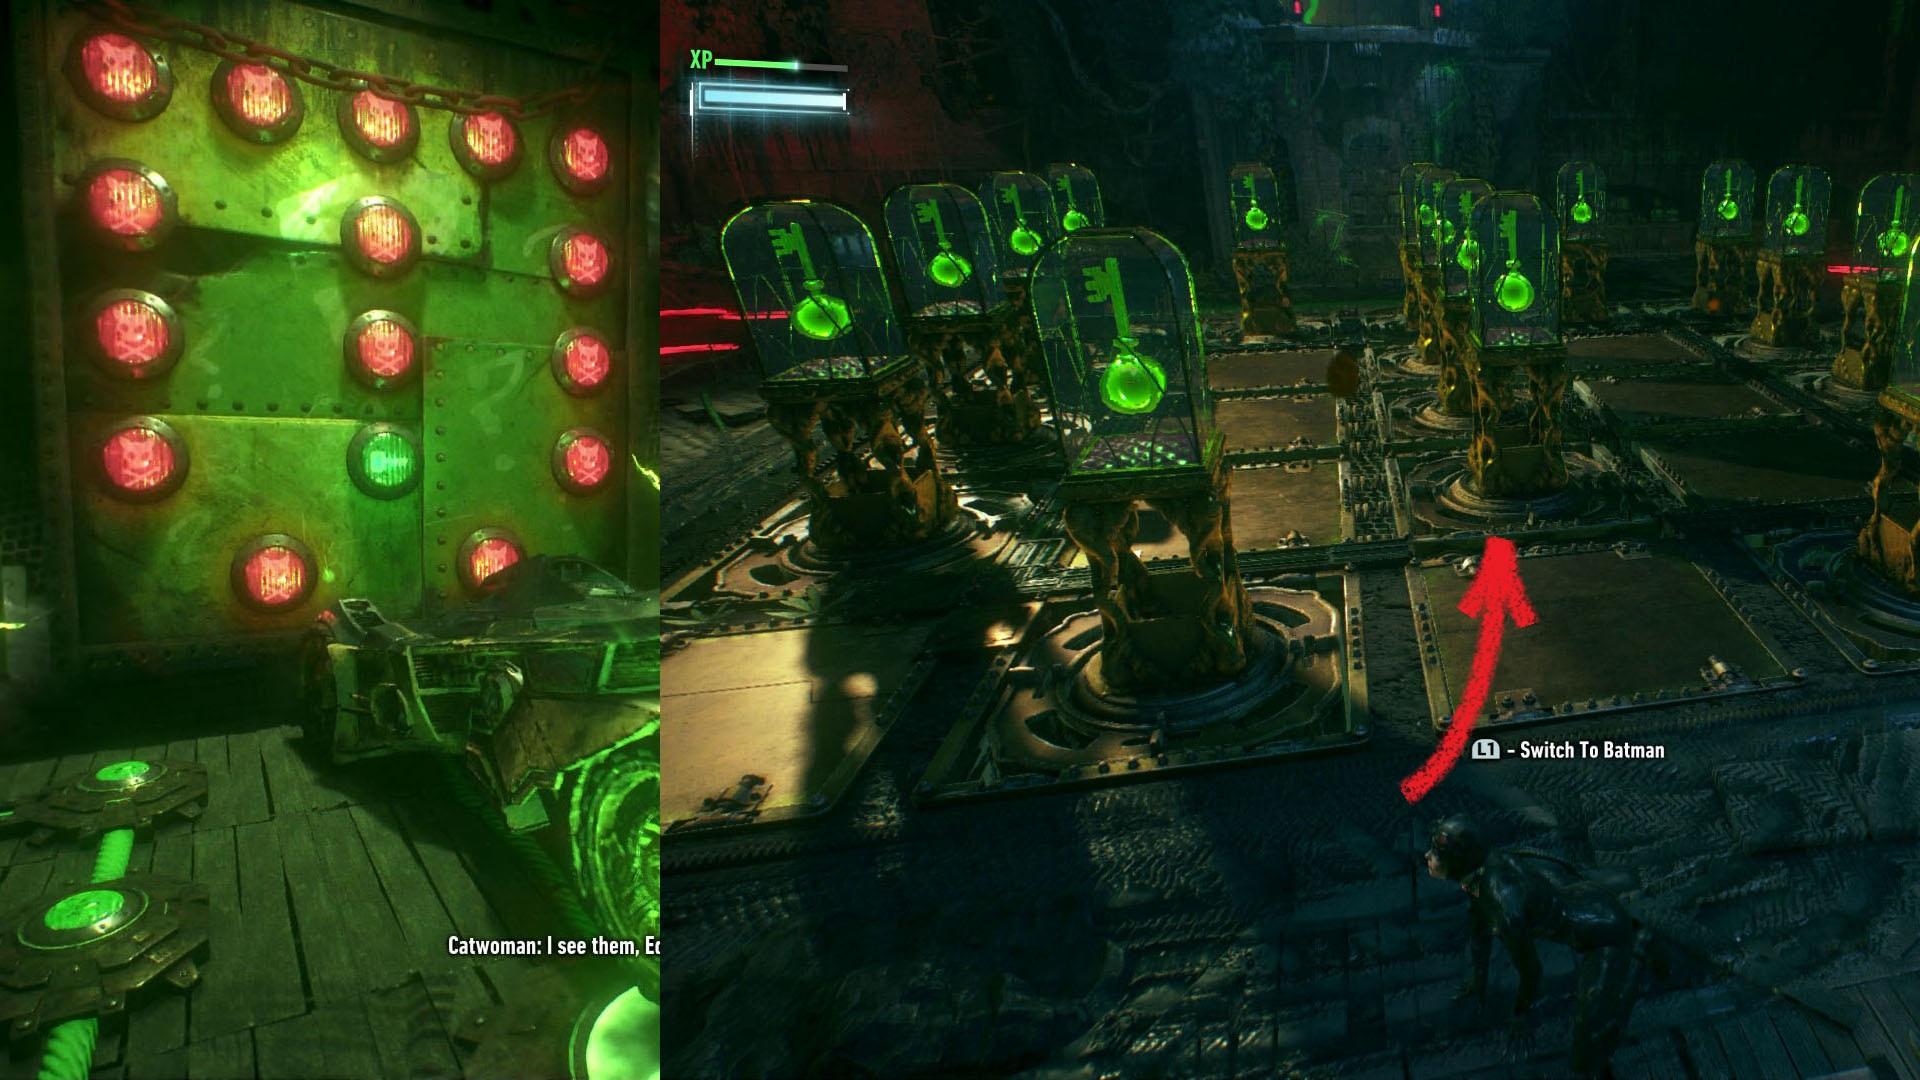 Бэтмен рыцарь аркхема прохождение загадочника казино игры бесплатно аппараты игровые